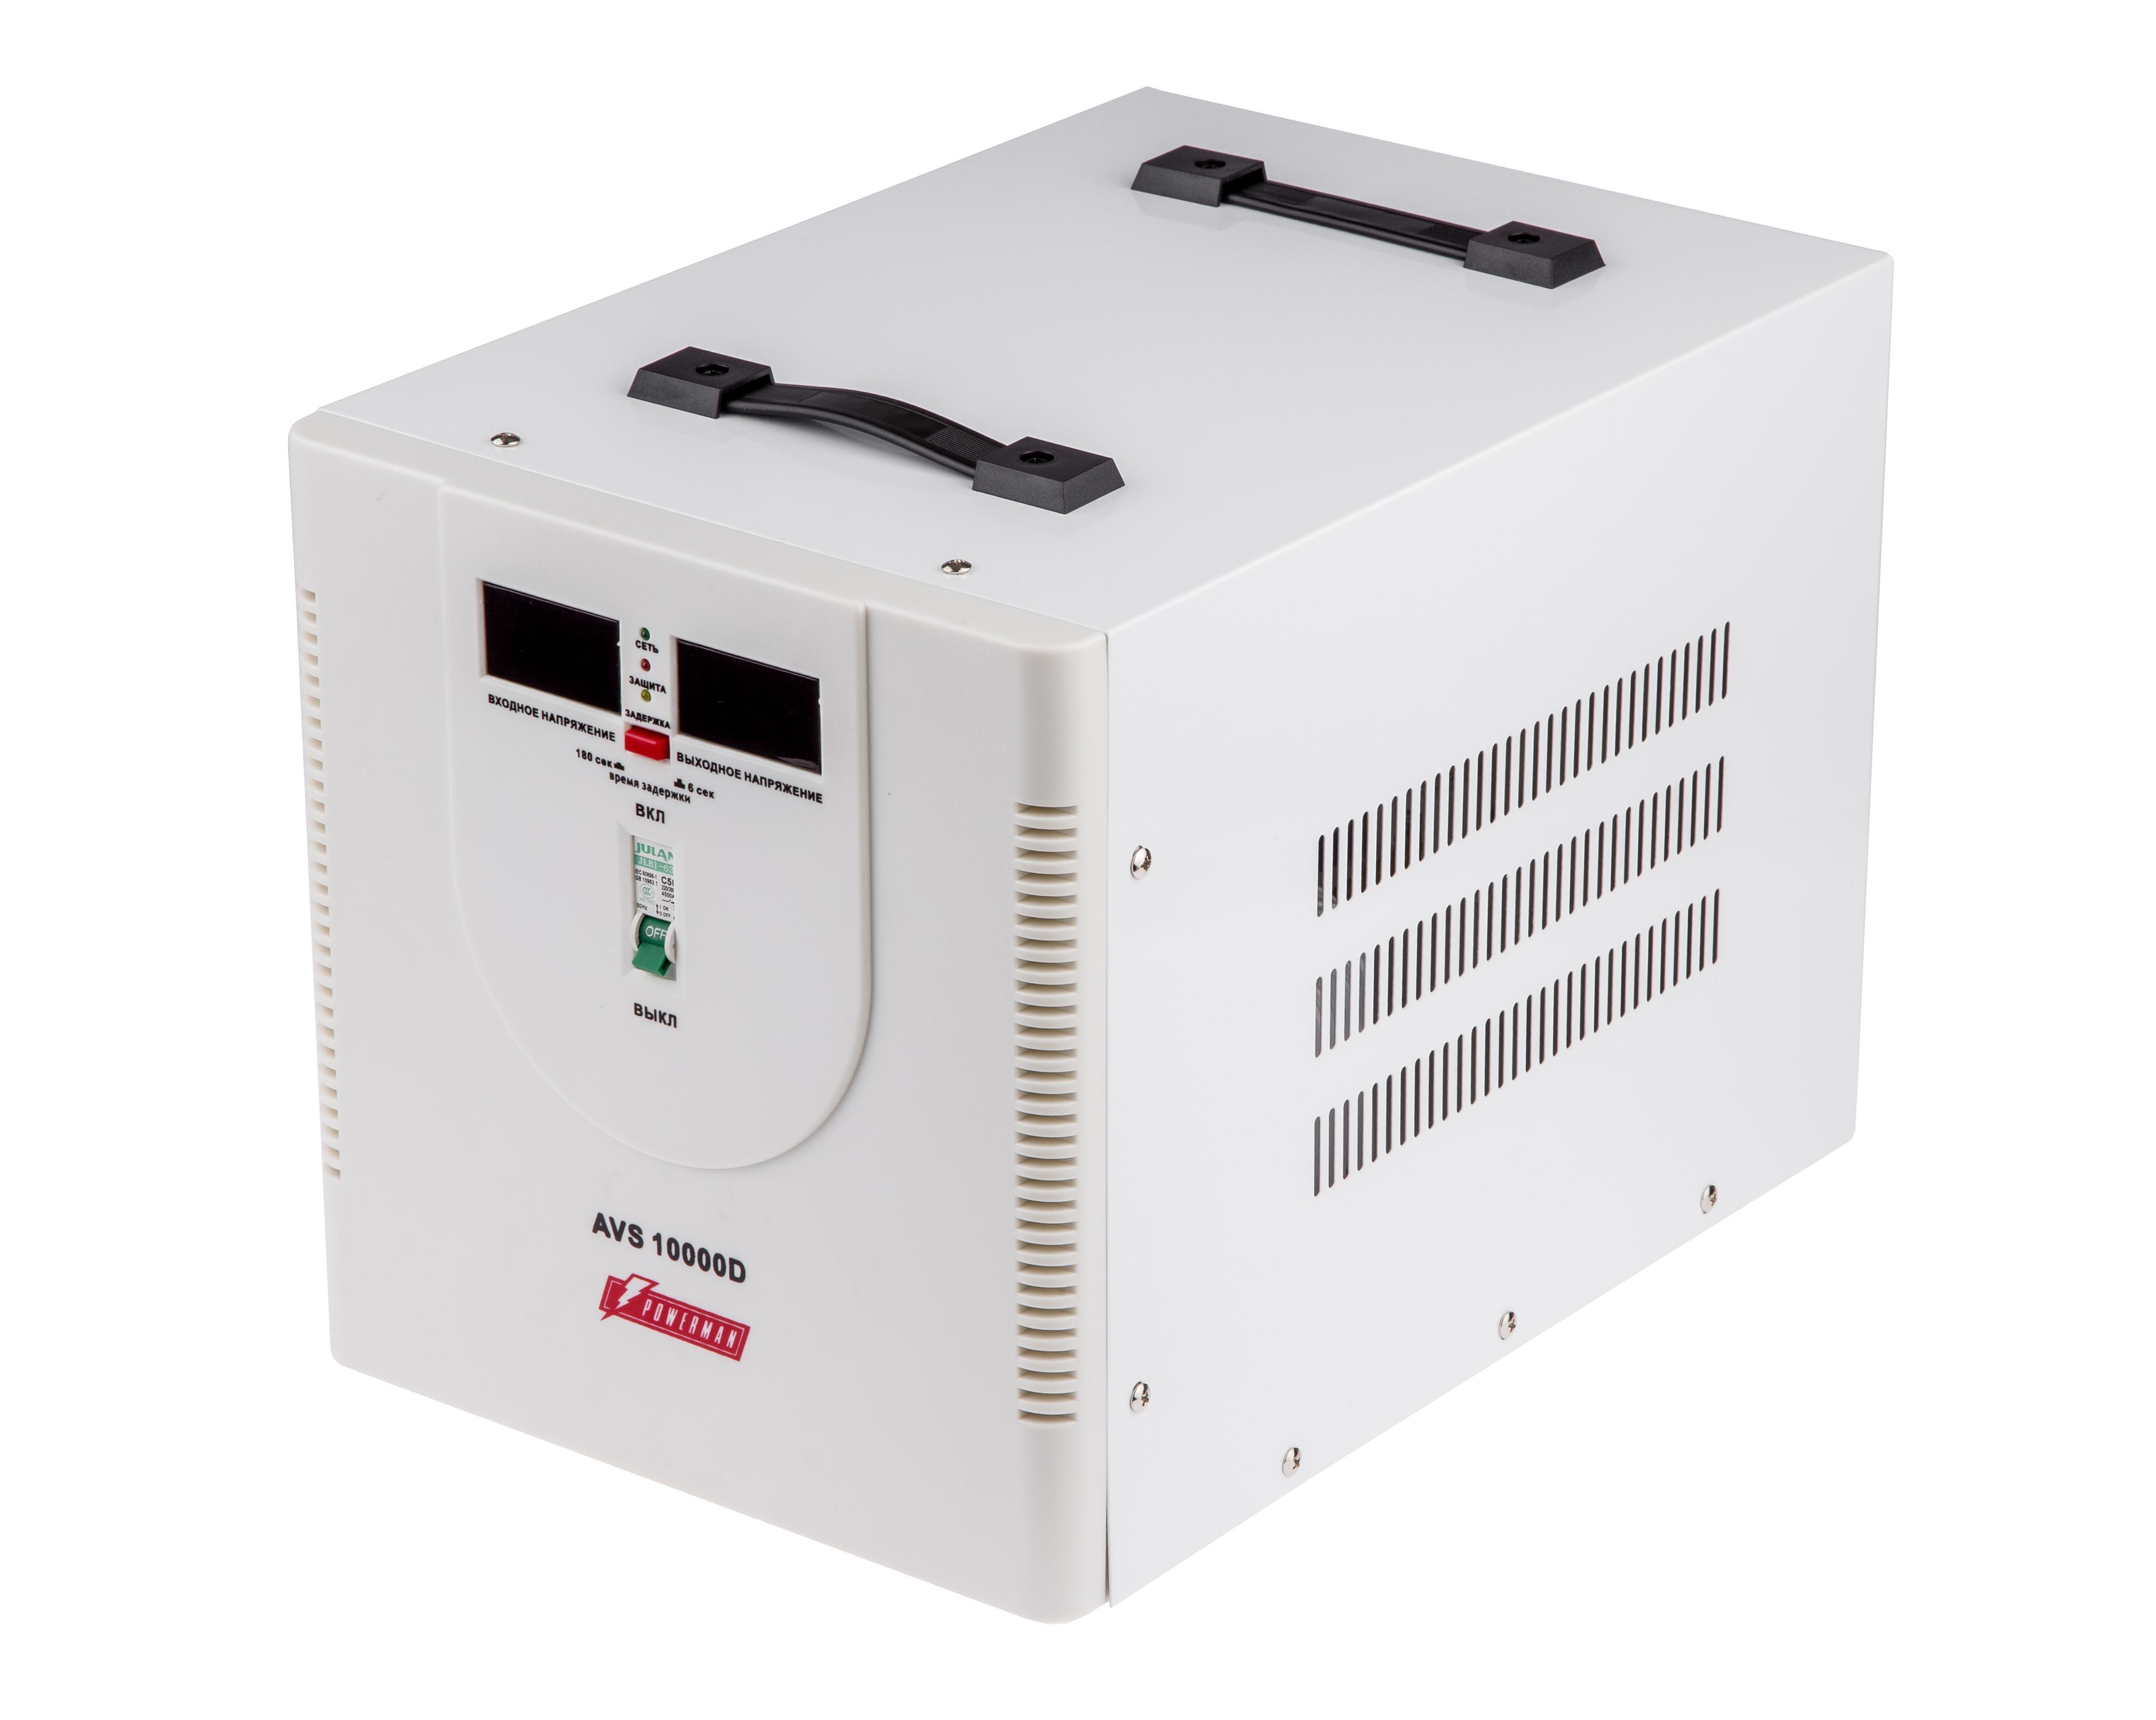 Стабилизатор напряжения Powerman Avs 10000d стабилизатор напряжения powerman avs 15000d белый